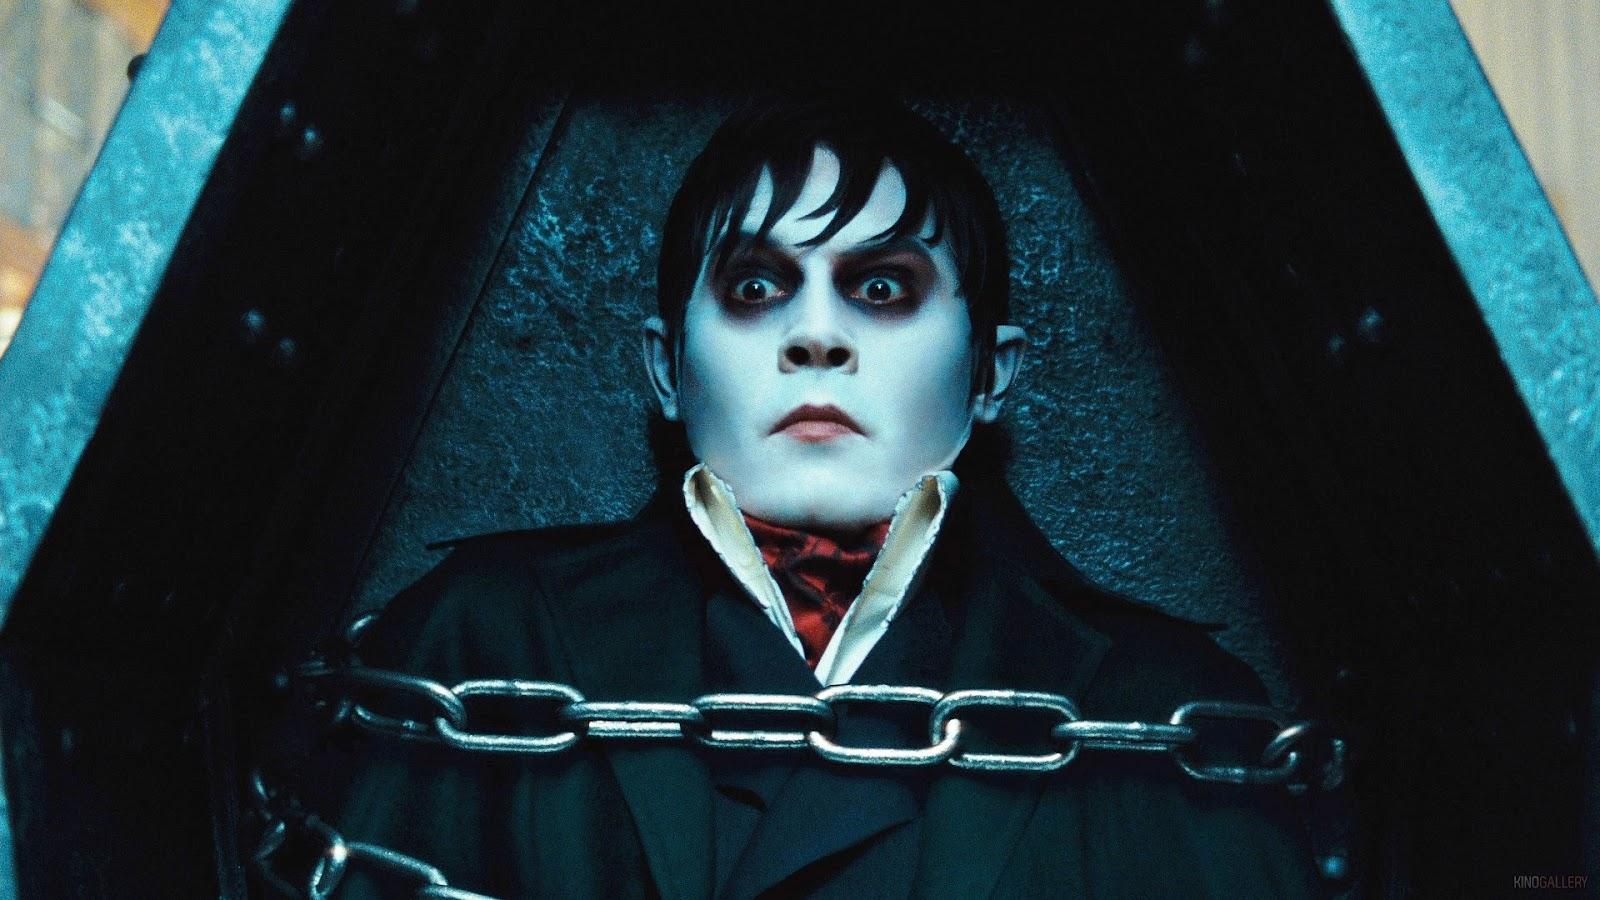 http://3.bp.blogspot.com/-M5FjeJrl07k/T2SvKbM2pmI/AAAAAAAACJw/t8e8dGp7TL4/s1600/dark-shadows_movie_Tim_Burton_Johnny_depp.jpg